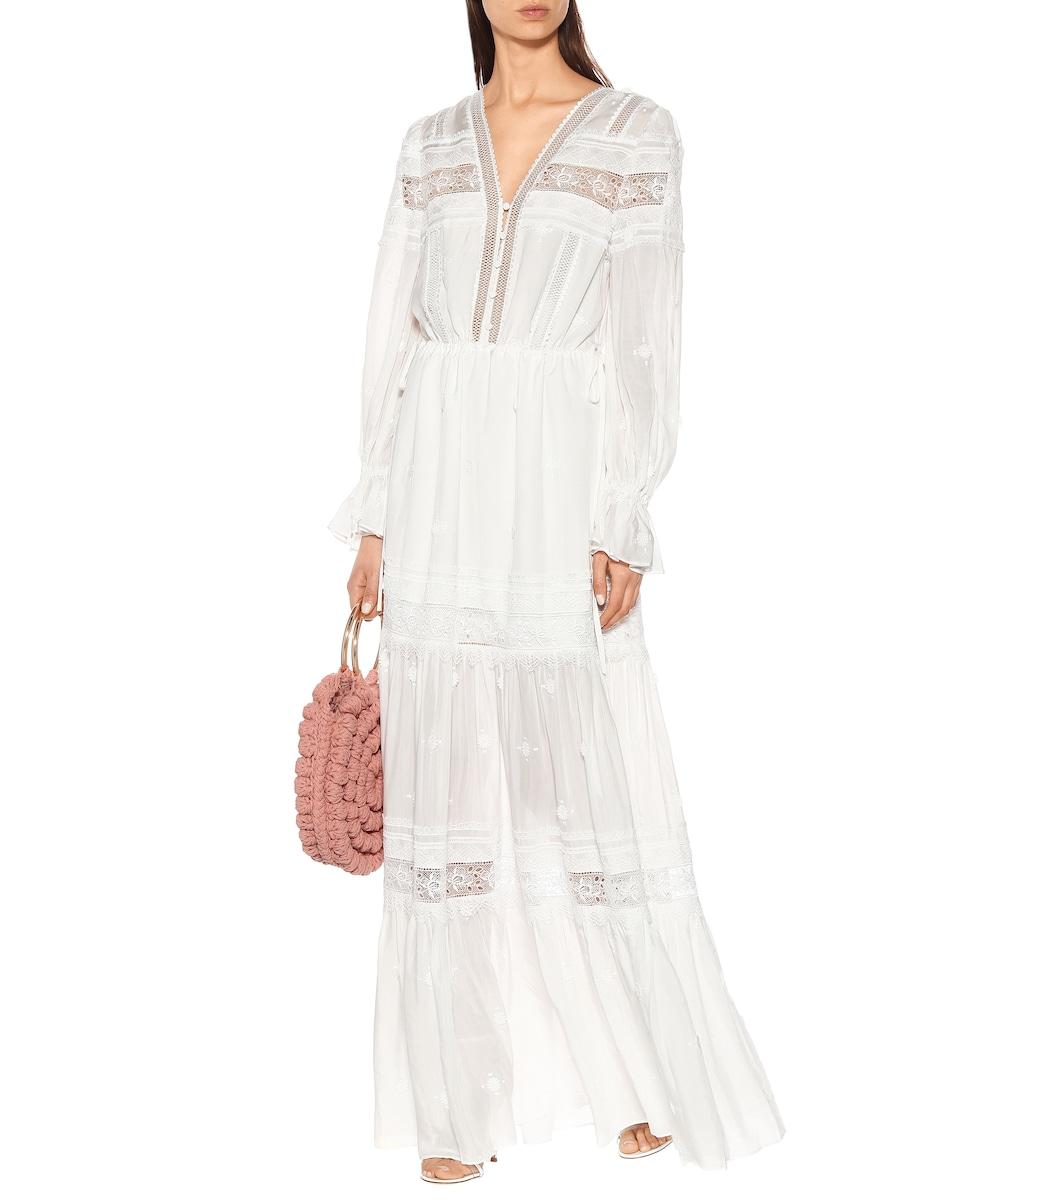 8c6d922130d6 3D Plumetis Maxi Dress - Self-Portrait | mytheresa